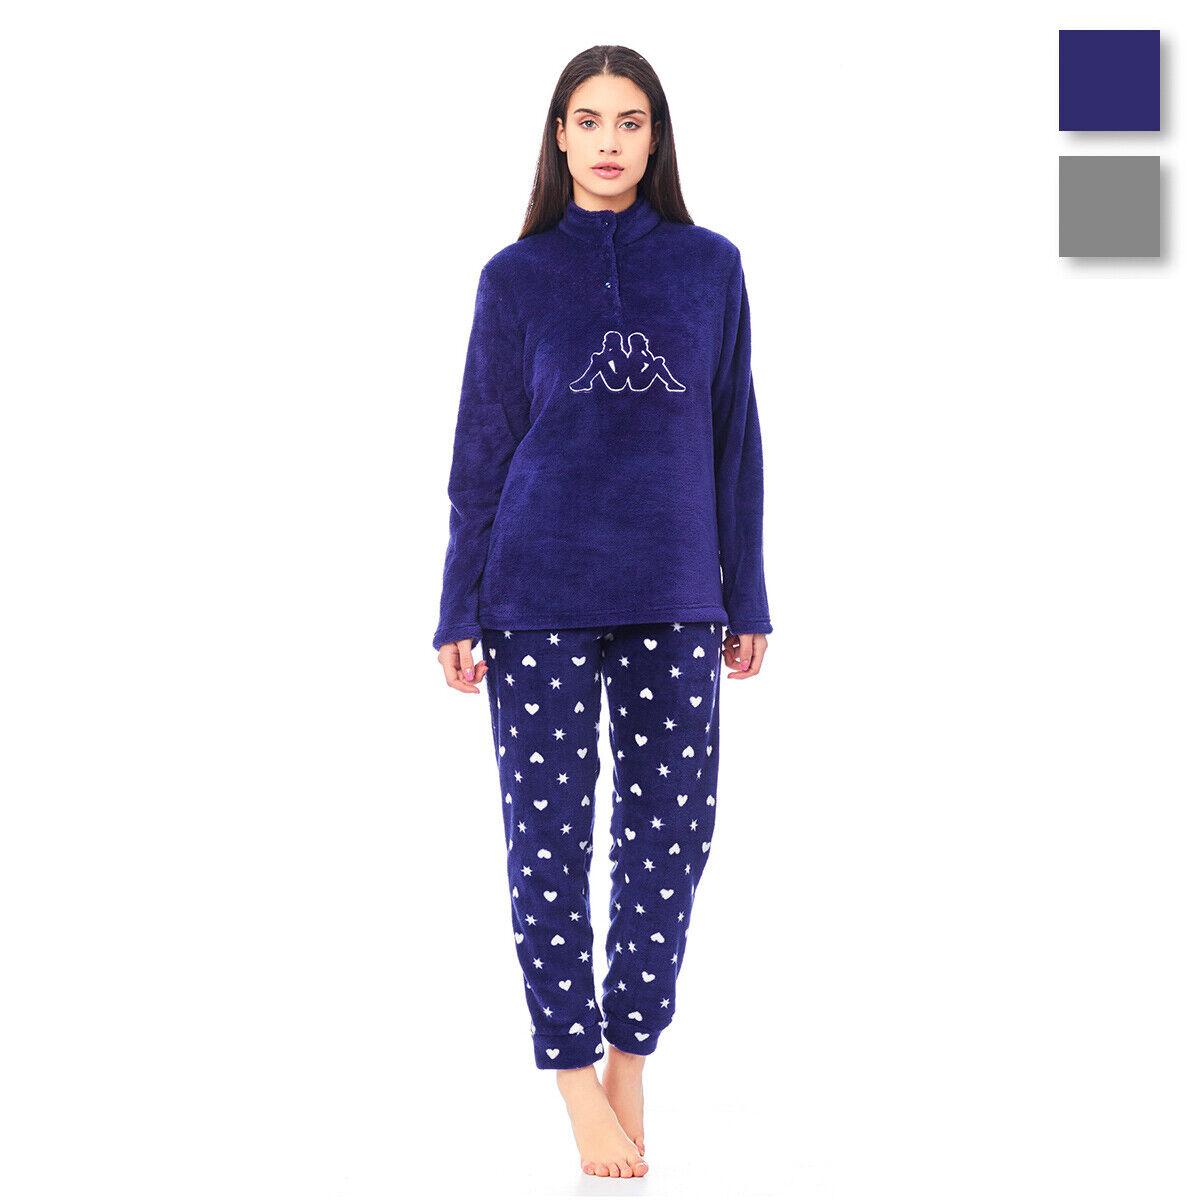 nuovi arrivi metà prezzo aspetto dettagliato Pigiama donna Love&Stars di Kappa in pile coral invernale KWW18671 ...